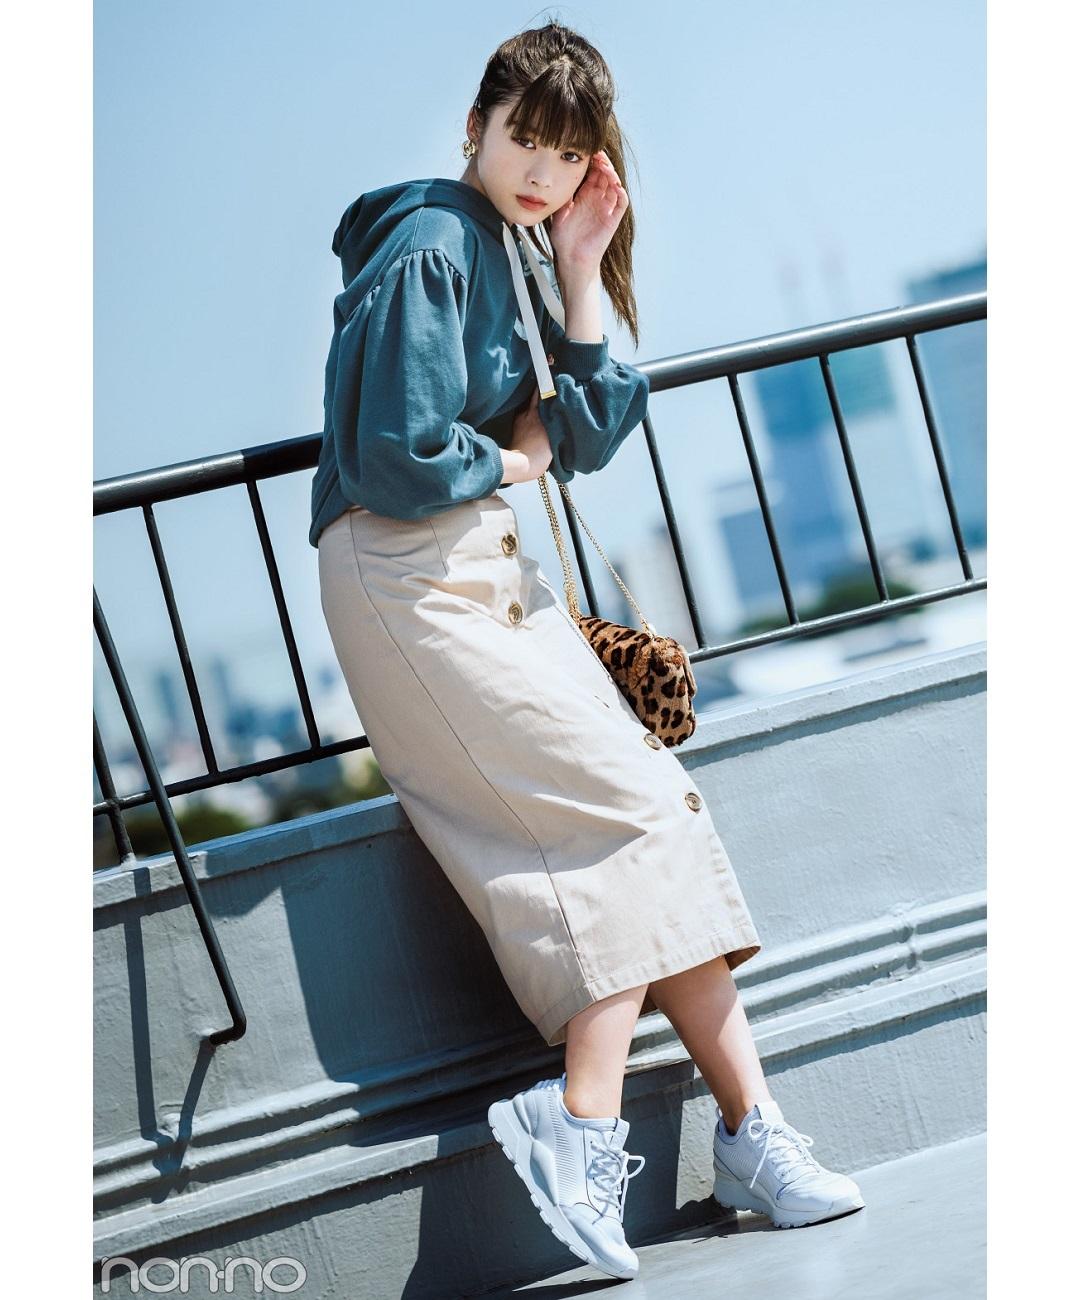 渋め秋色パーカー×タイトスカートでキレイめカジュアルコーデ